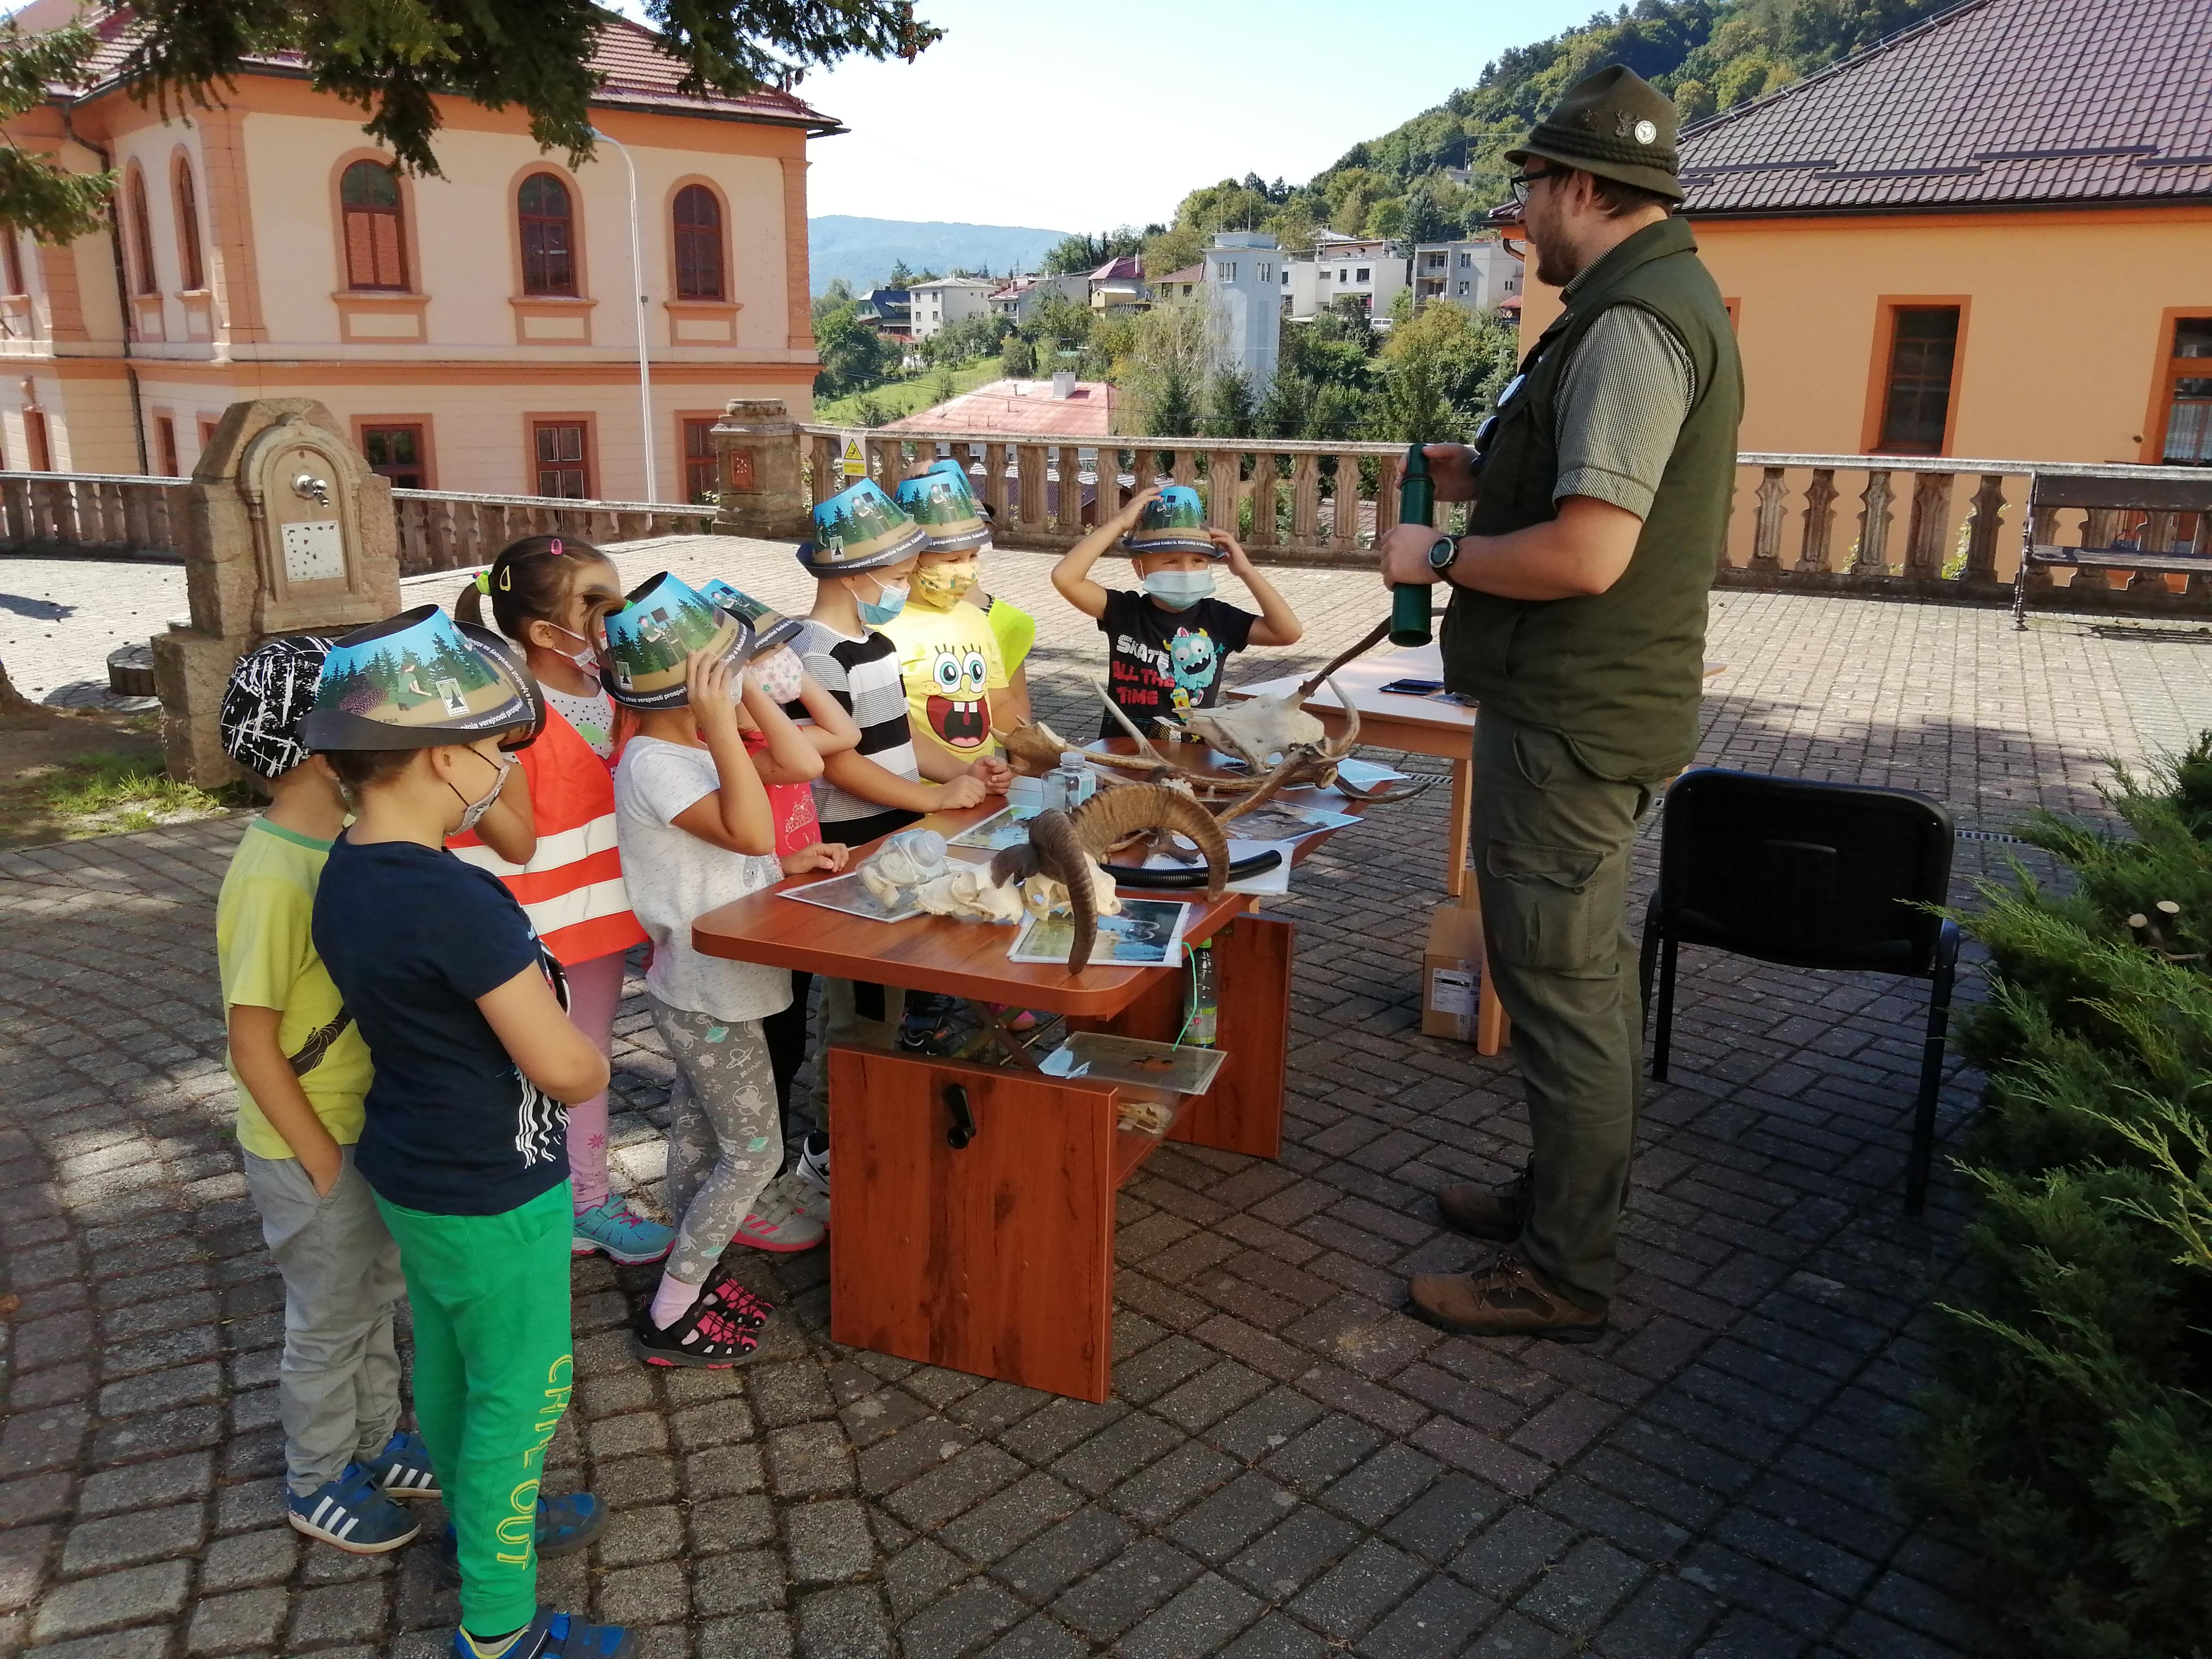 Lesy ľuďom,ľudia lesom: Radničný park Nová Baňa